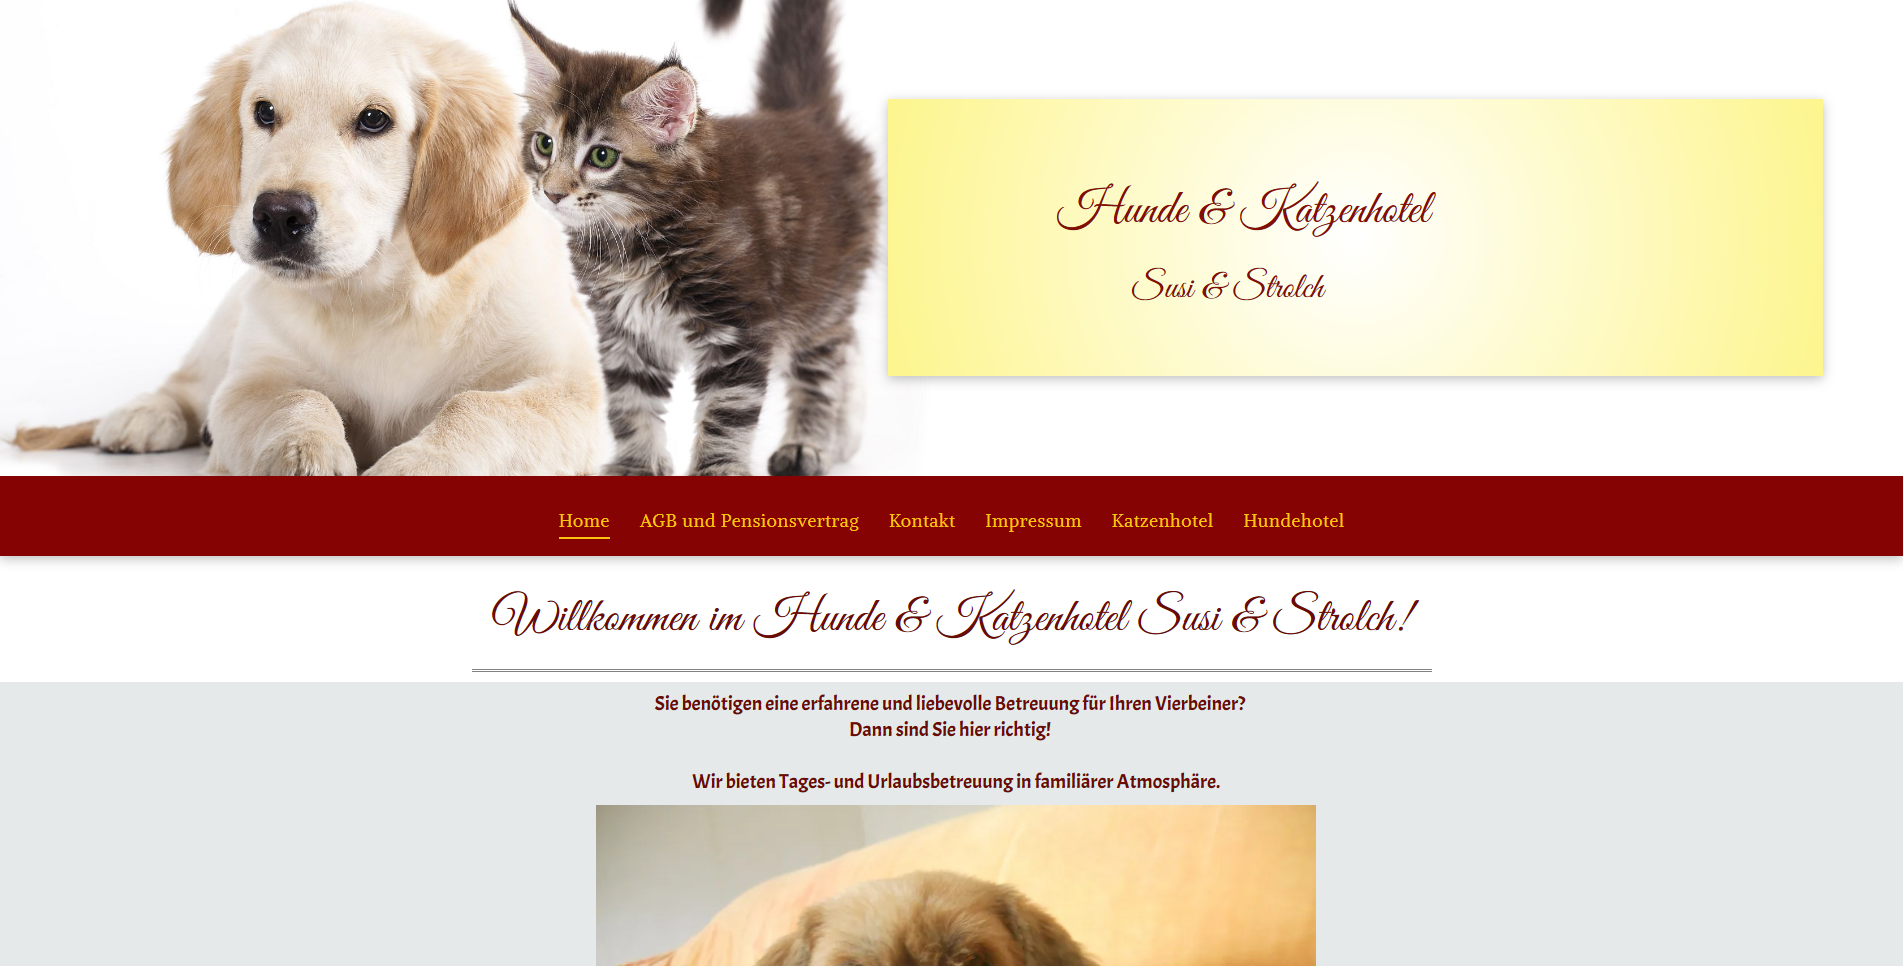 Hunde & Katzenhotel Susi & Strolch